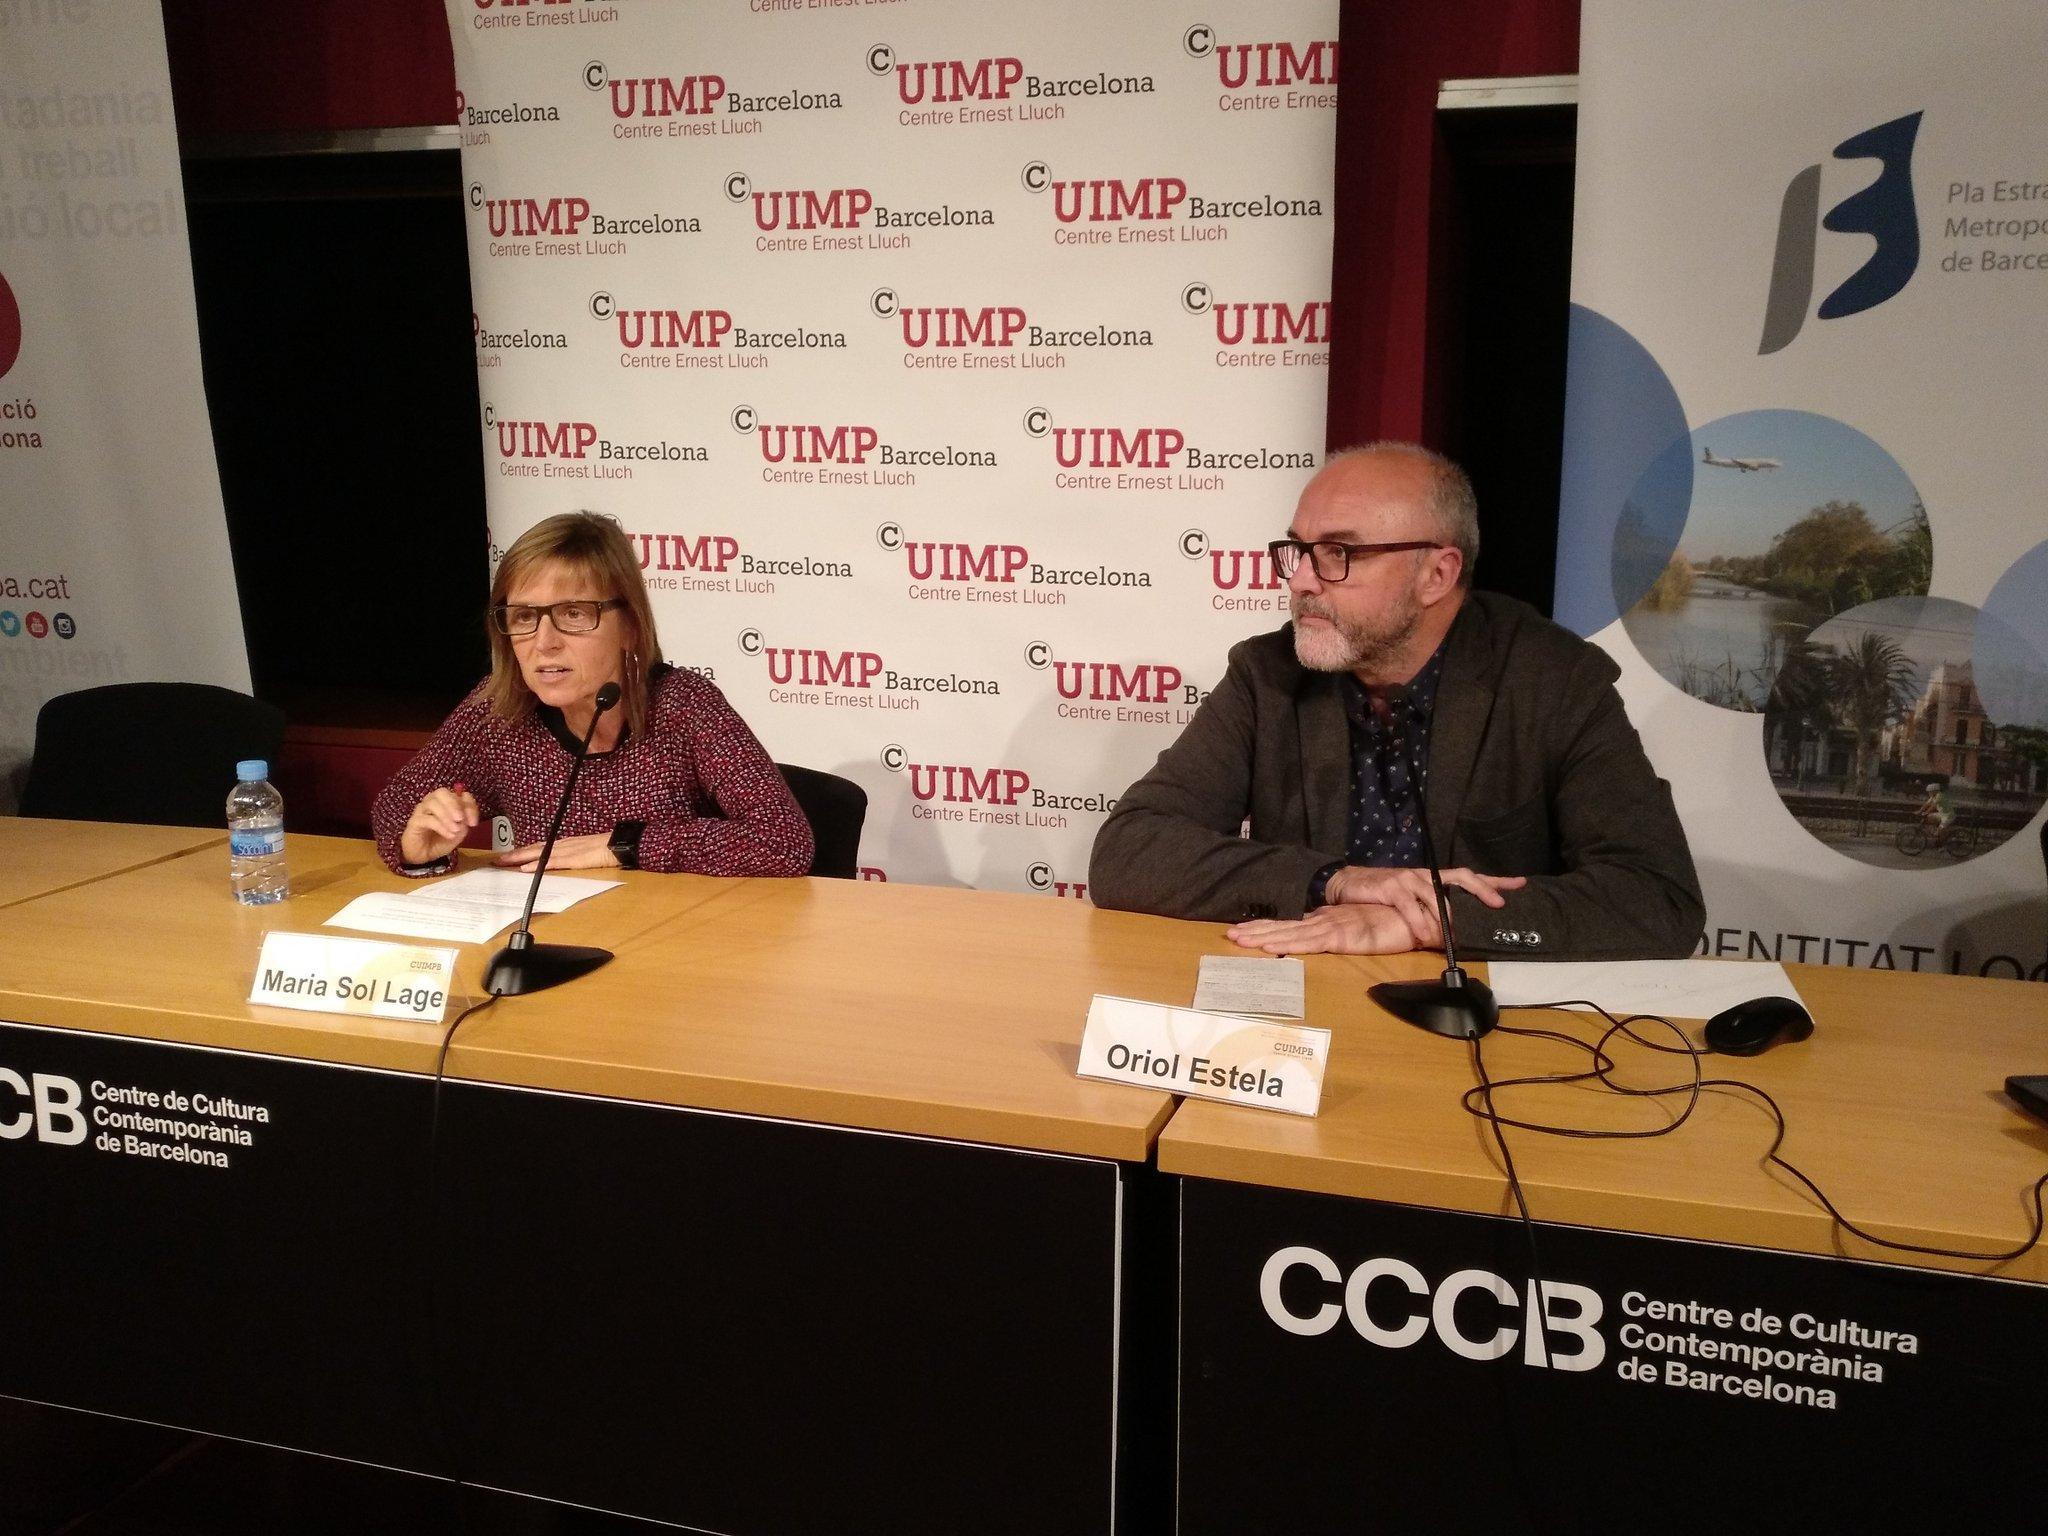 Maria Sol Lage, cap del O.T. Estratègies de Desenvolupament de la Diputació de Barcelona, i Oriol Estela Barnet, coordinador general del PEMB